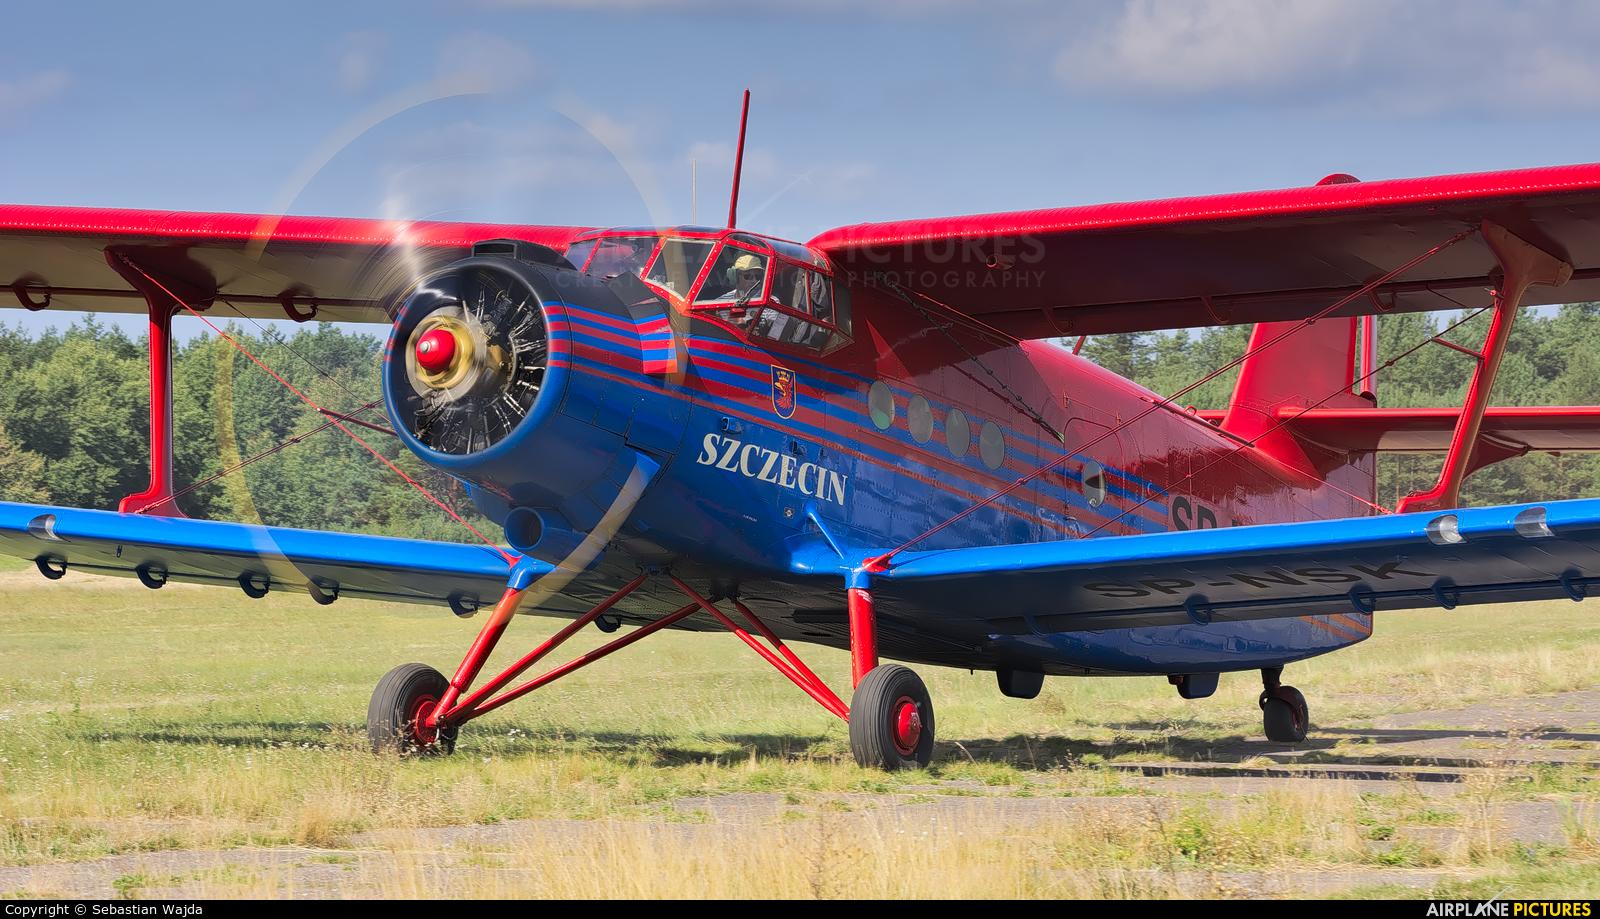 Aeroklub Szczeciński SP-NSK aircraft at Borne Sulinowo